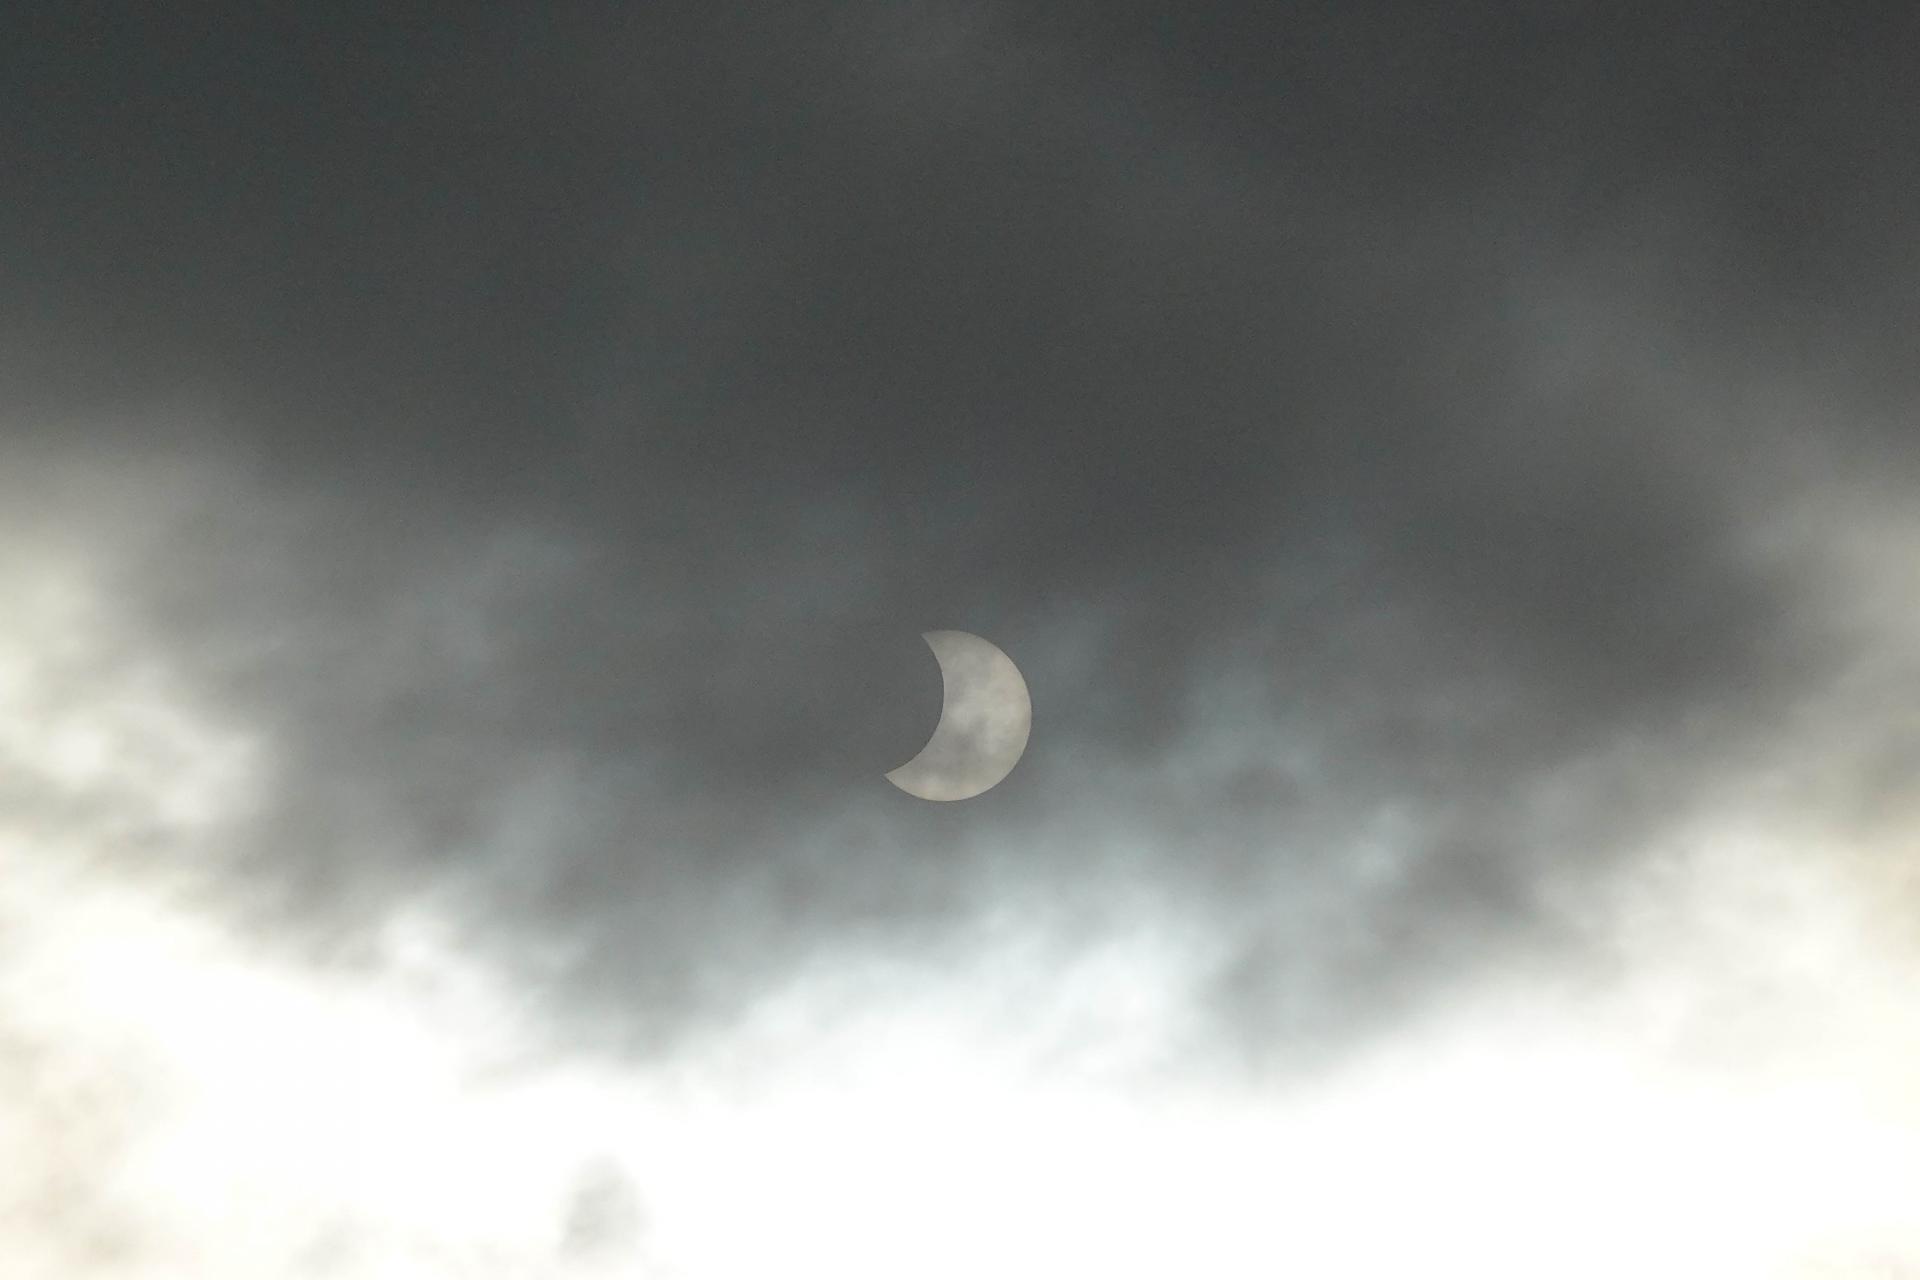 RX100M7で撮れた部分日食